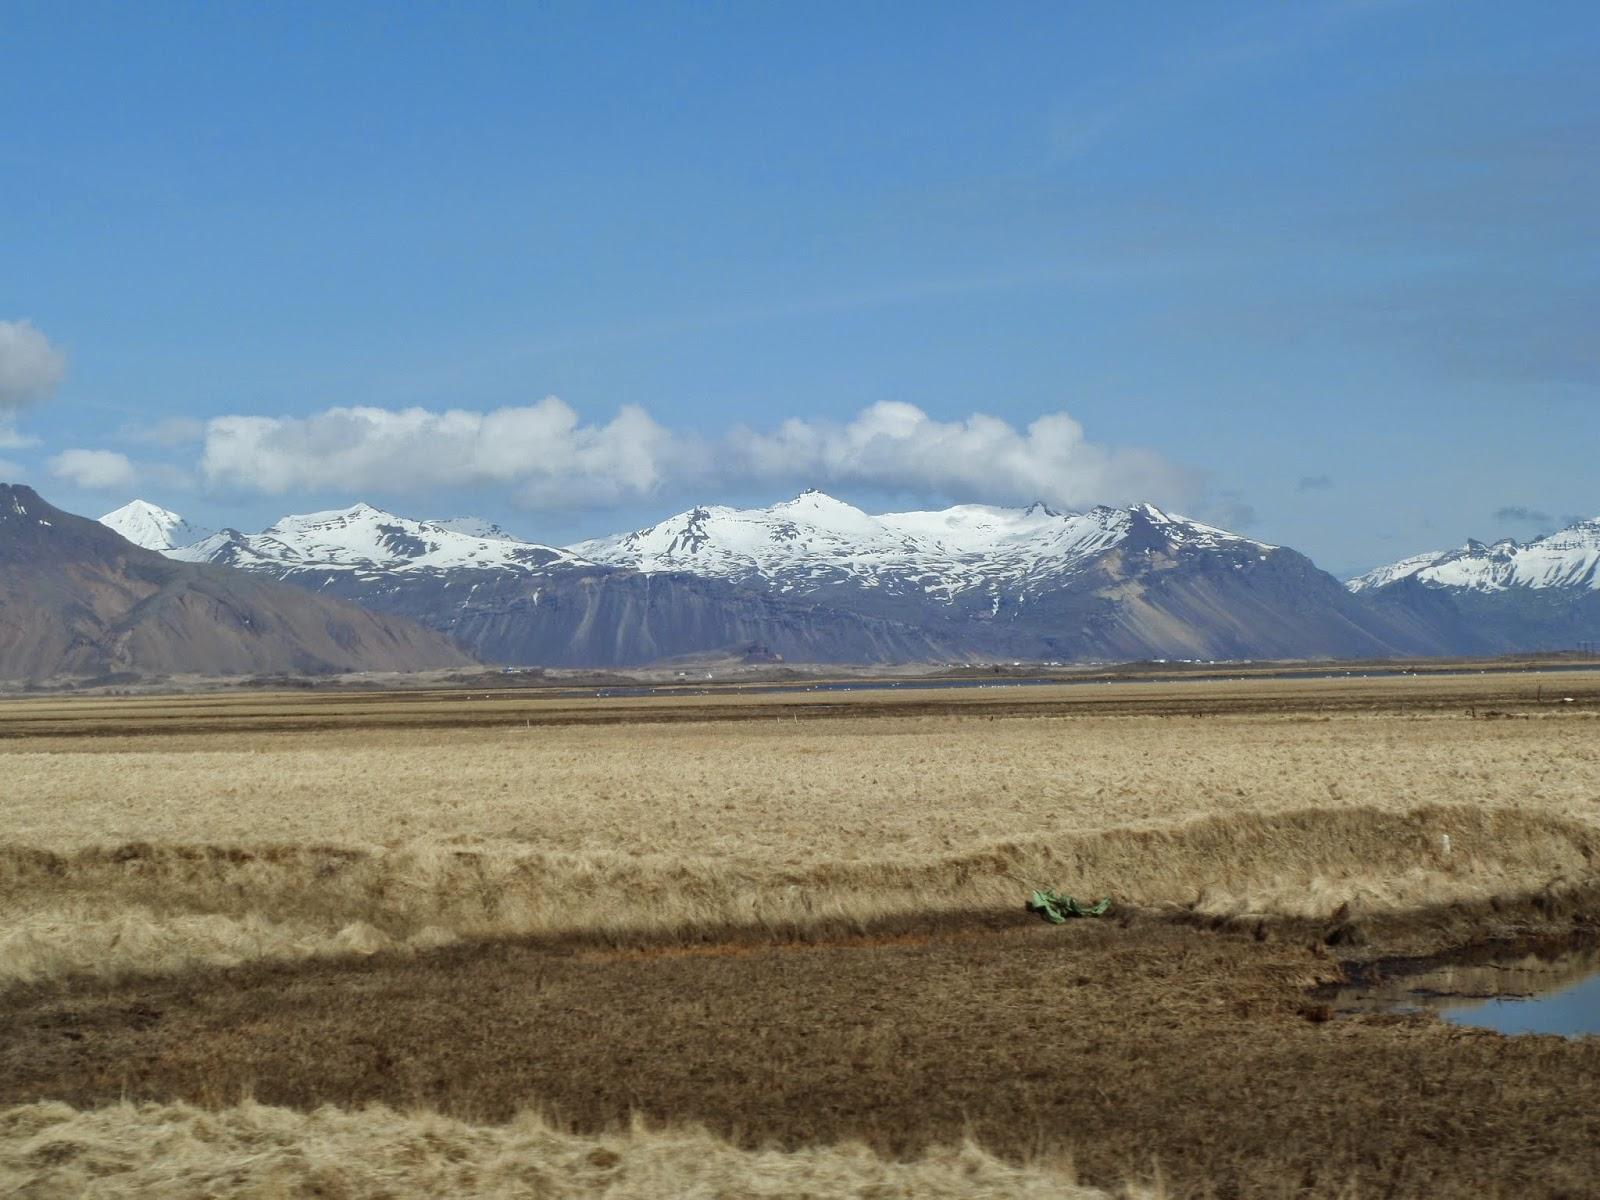 Izland össz lakossága nem éri el a félmillió főt. Ennek majd 20 %-a a fővárosban él. Így érthető, hogy a térképen azok a városok, melyekben 2-300 fő lakik, azok már kieme